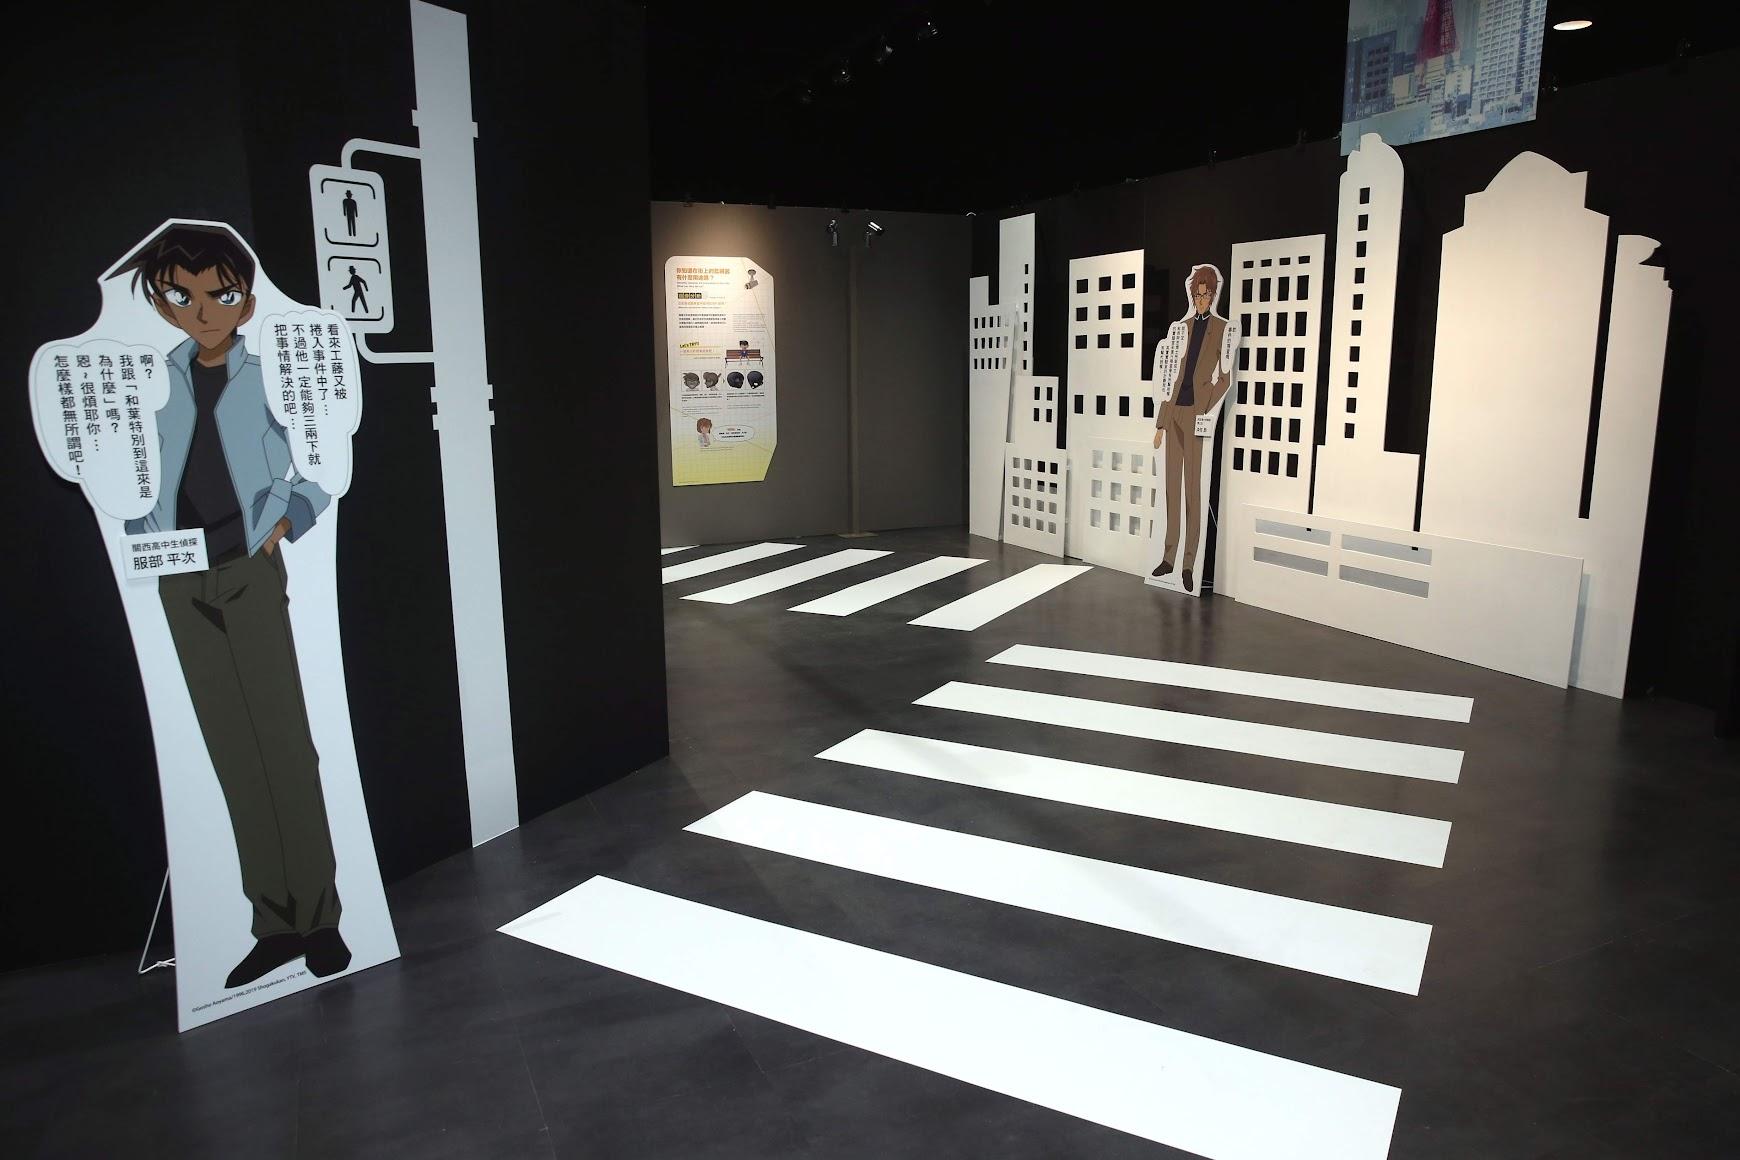 [迷迷動漫] 名偵探柯南 科學搜查展 台北盛大開展  納豆扮裝柯南登台